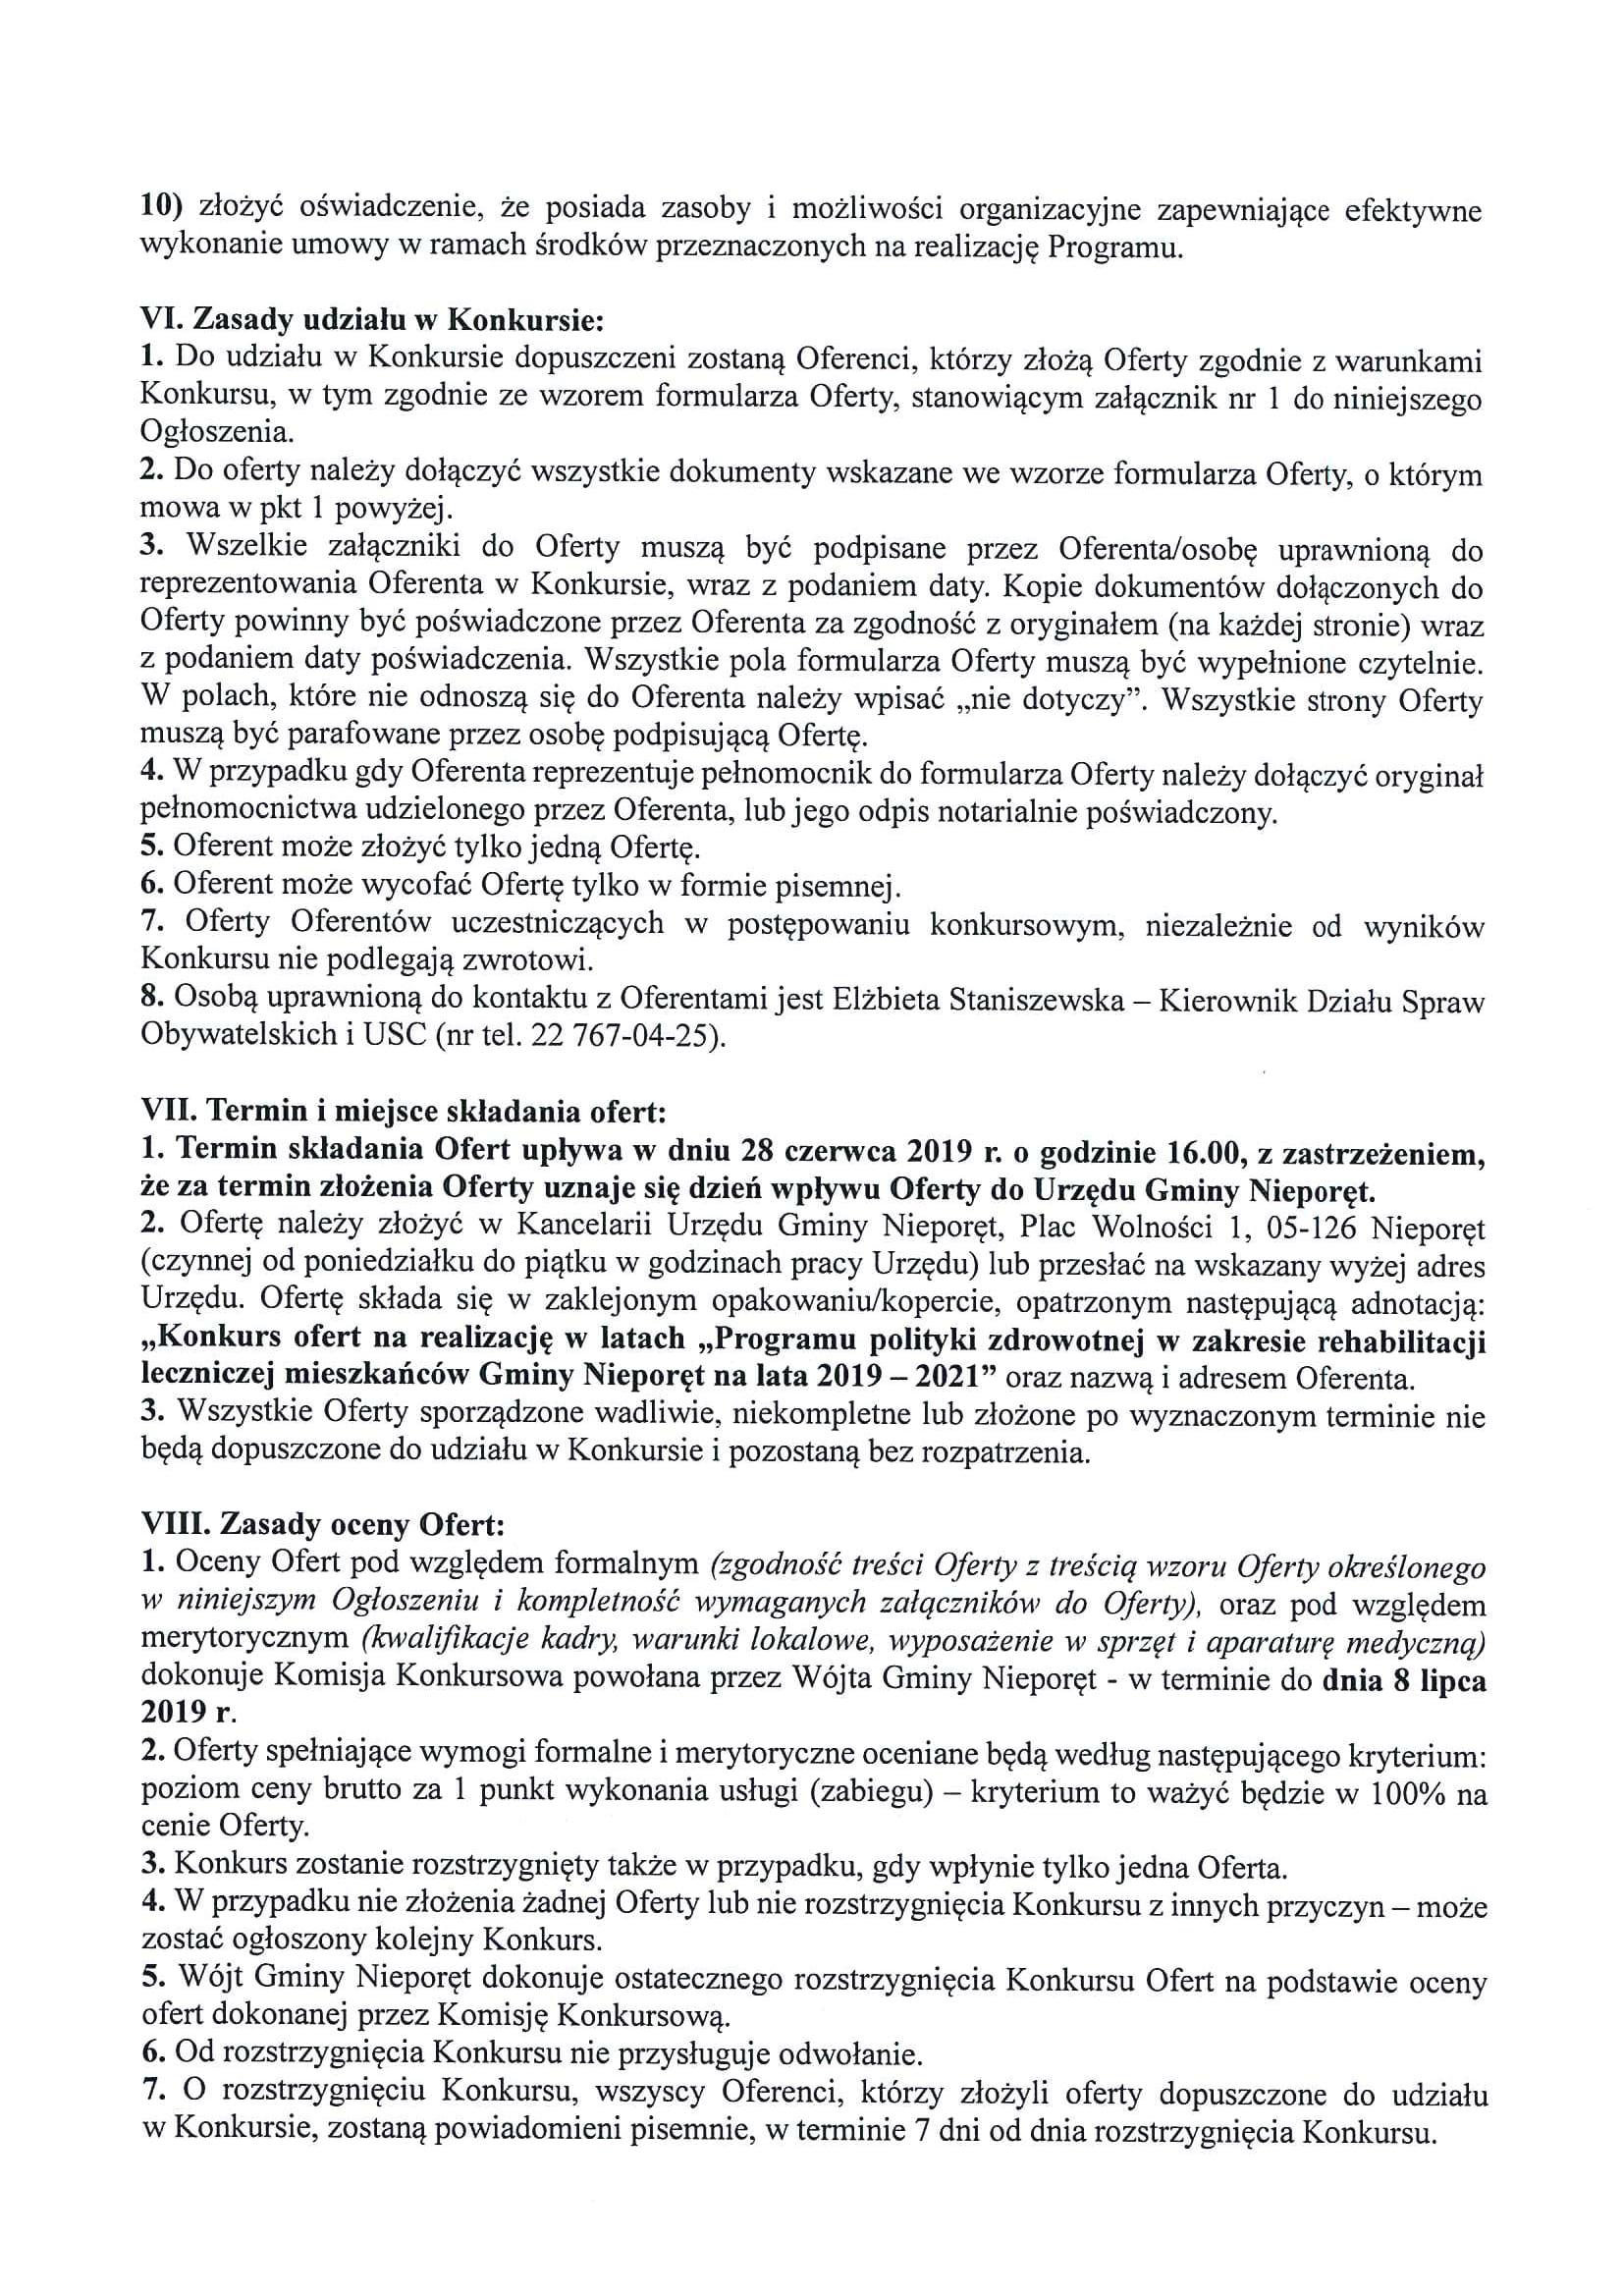 zarza.183.2019-06